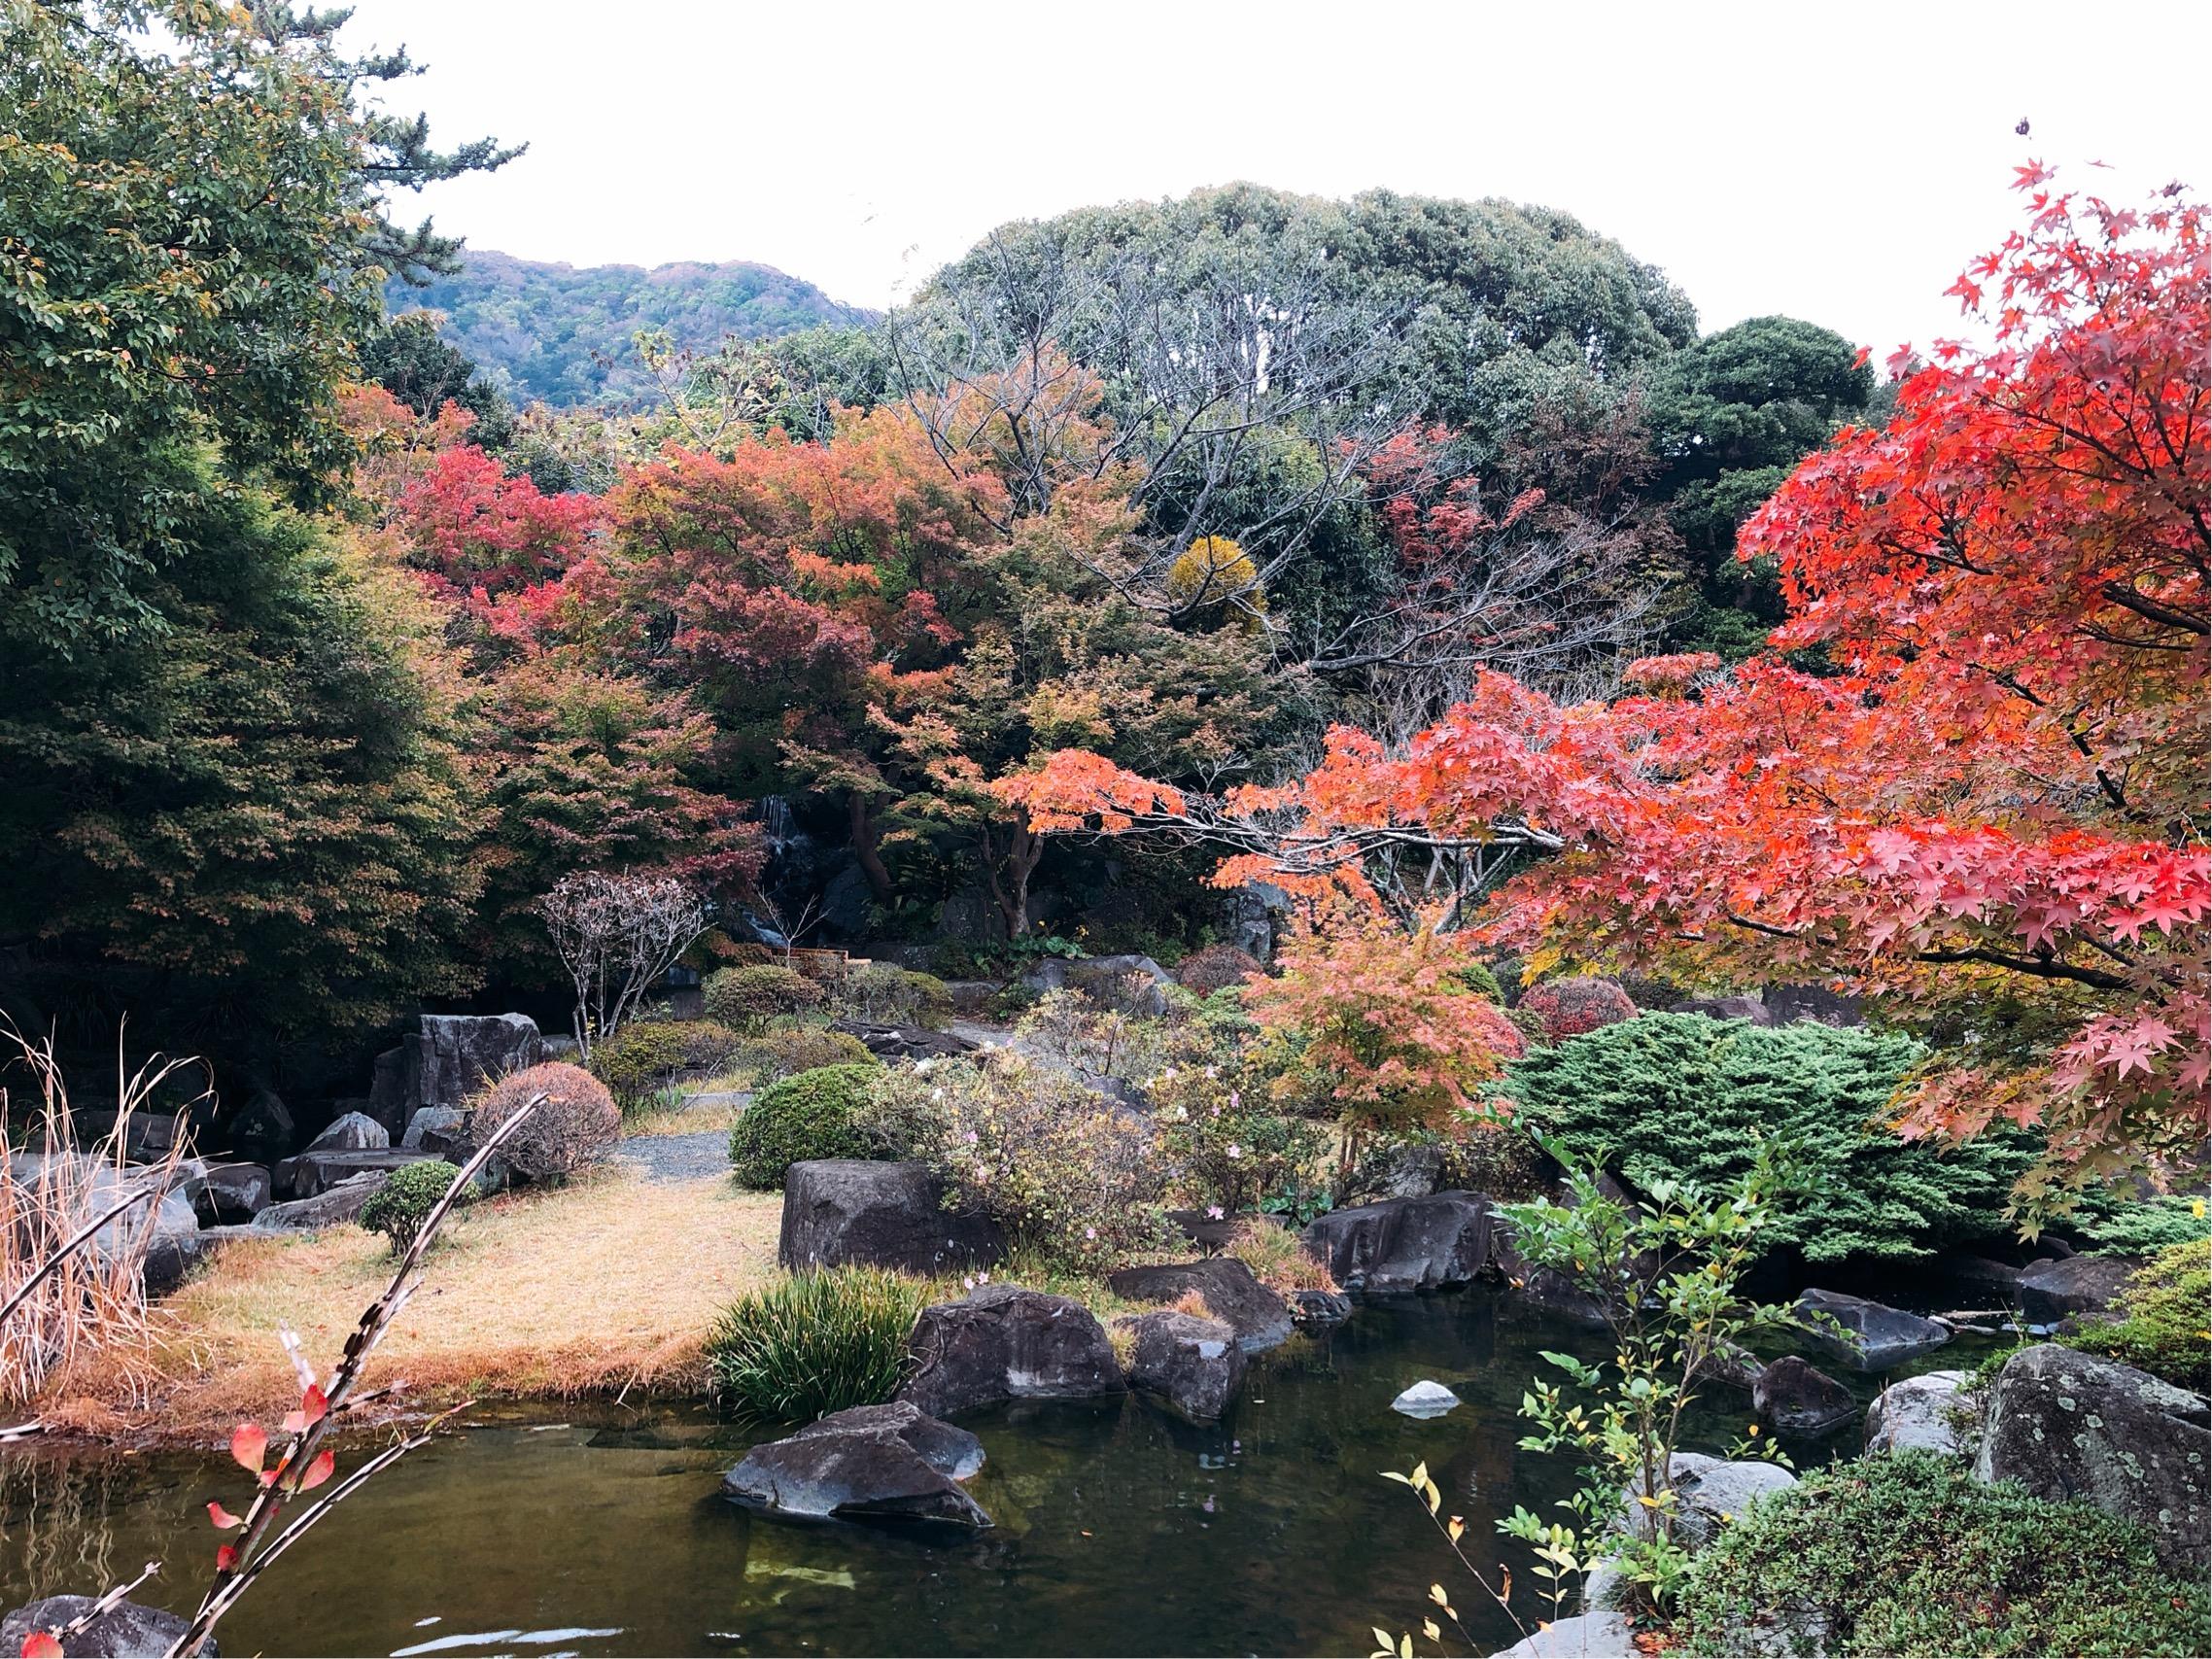 しおさい公園の紅葉。まだ一部だけの色づきだが、池ごしの風景はとても風情がある